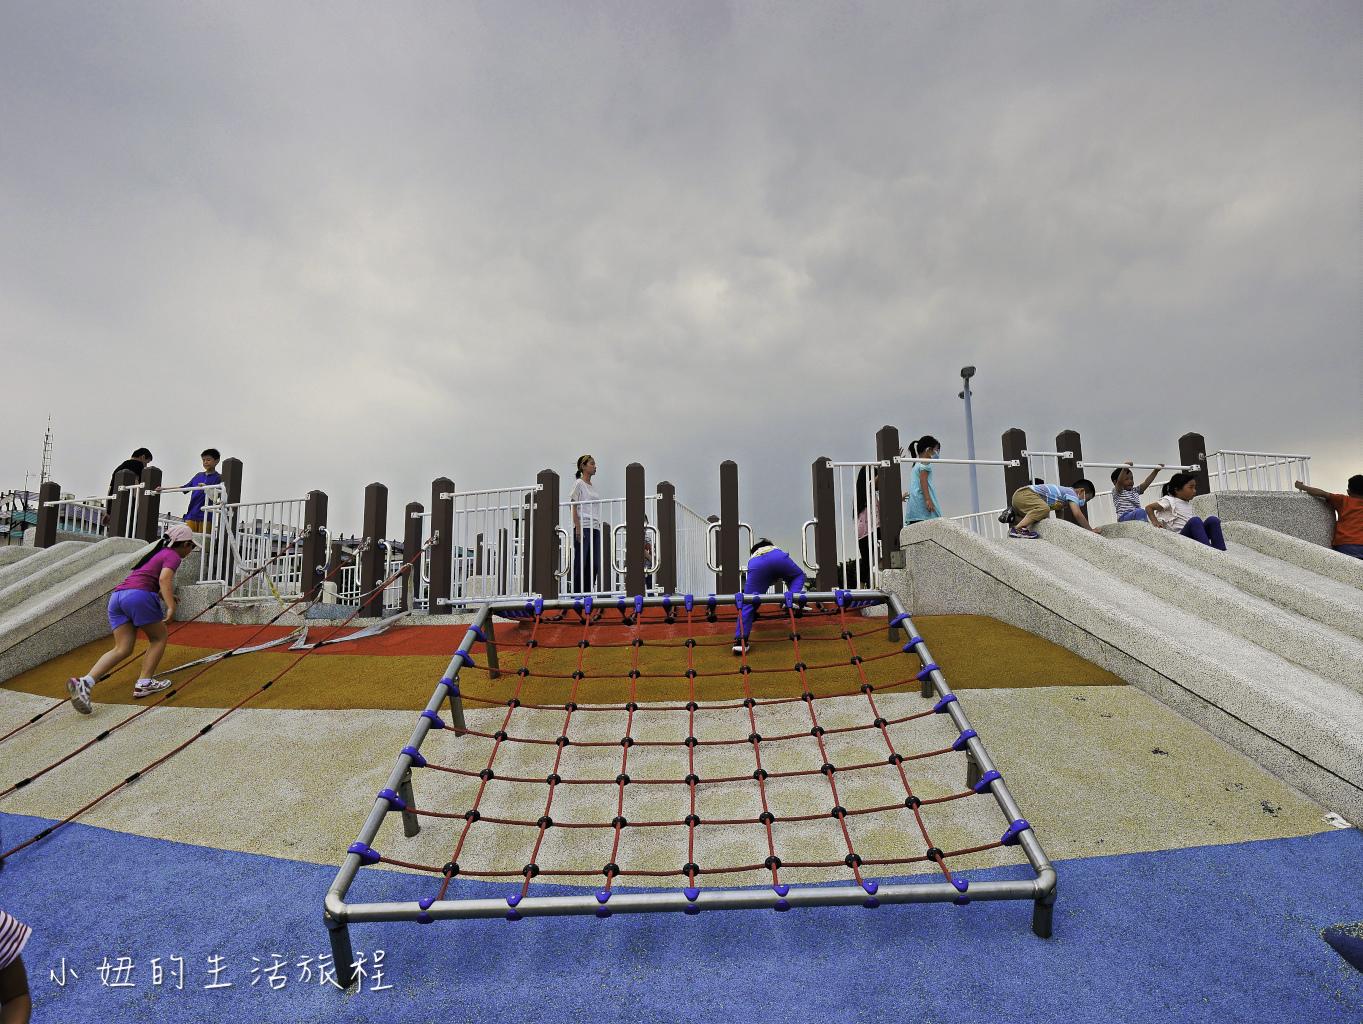 大佳河濱公園-26.jpg